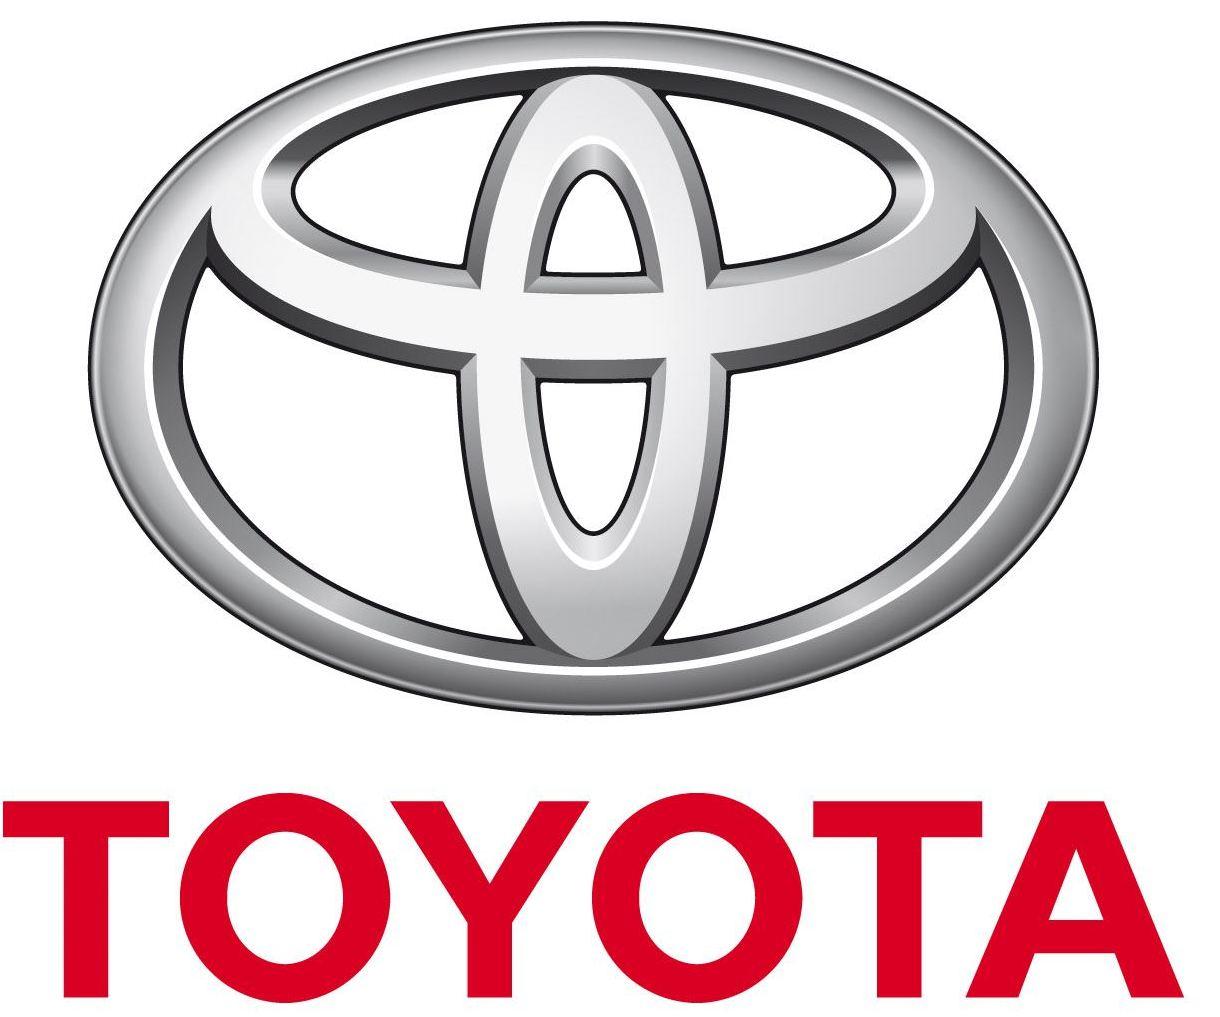 Toyota продолжает удерживать лидерство по продажам авто.